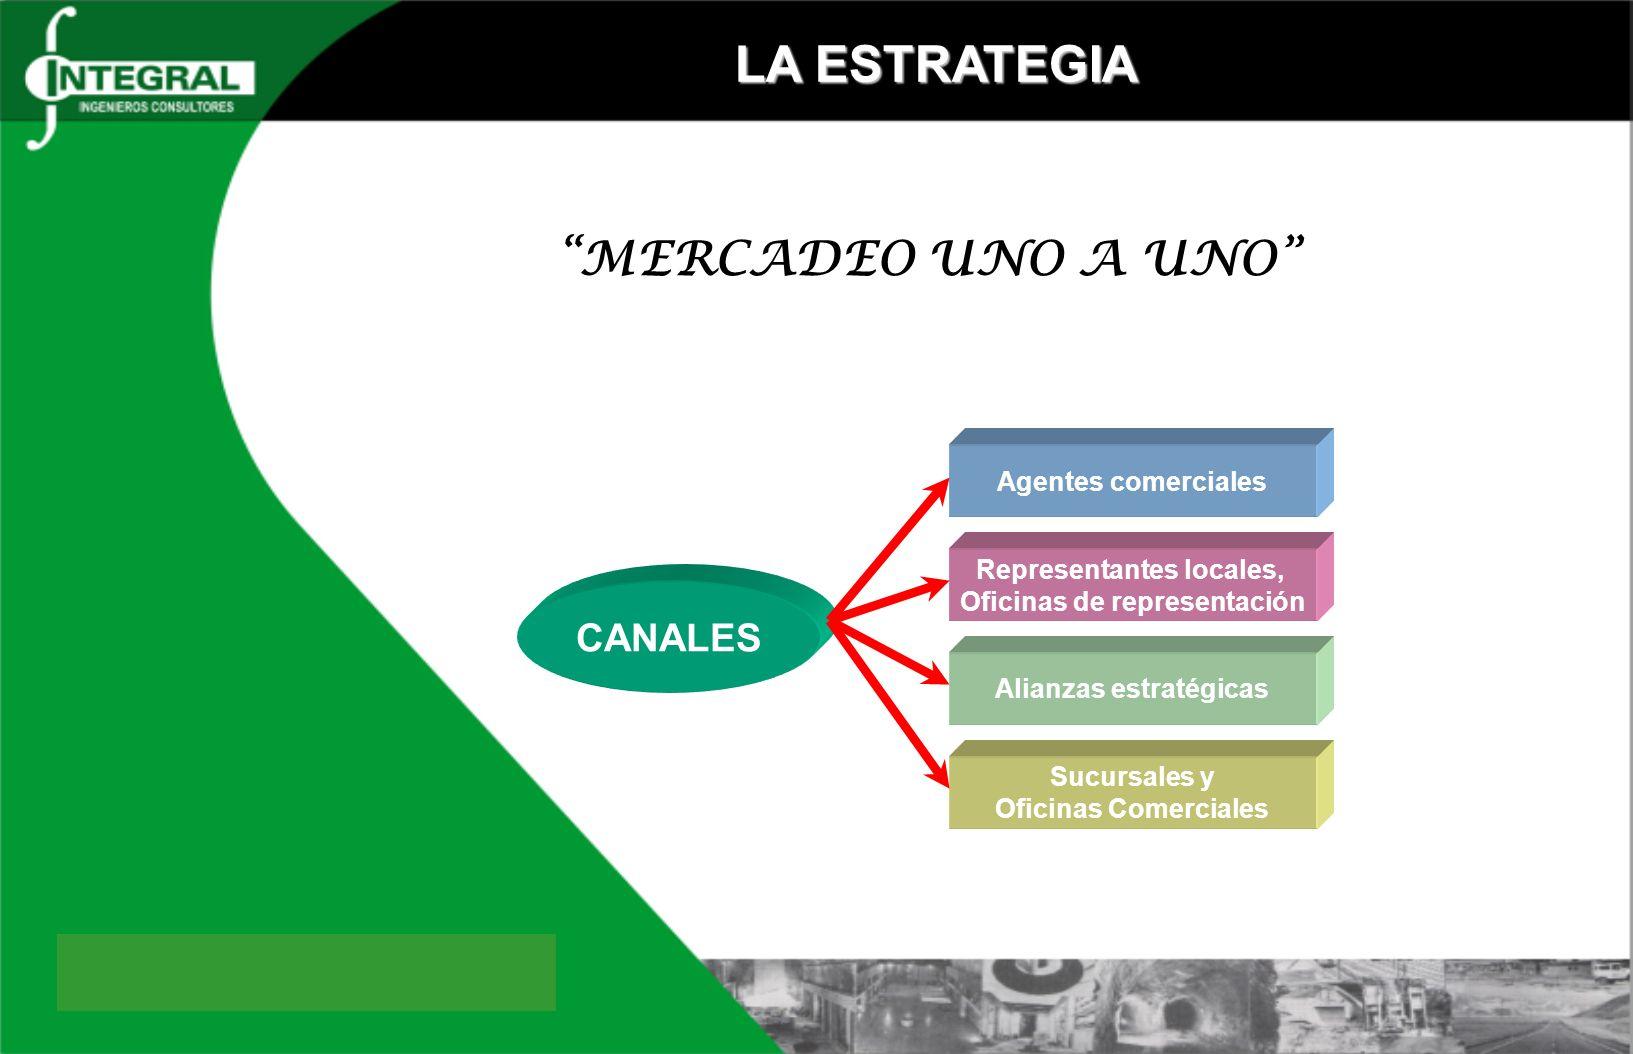 LA ESTRATEGIA MERCADEO UNO A UNO CANALES Agentes comerciales